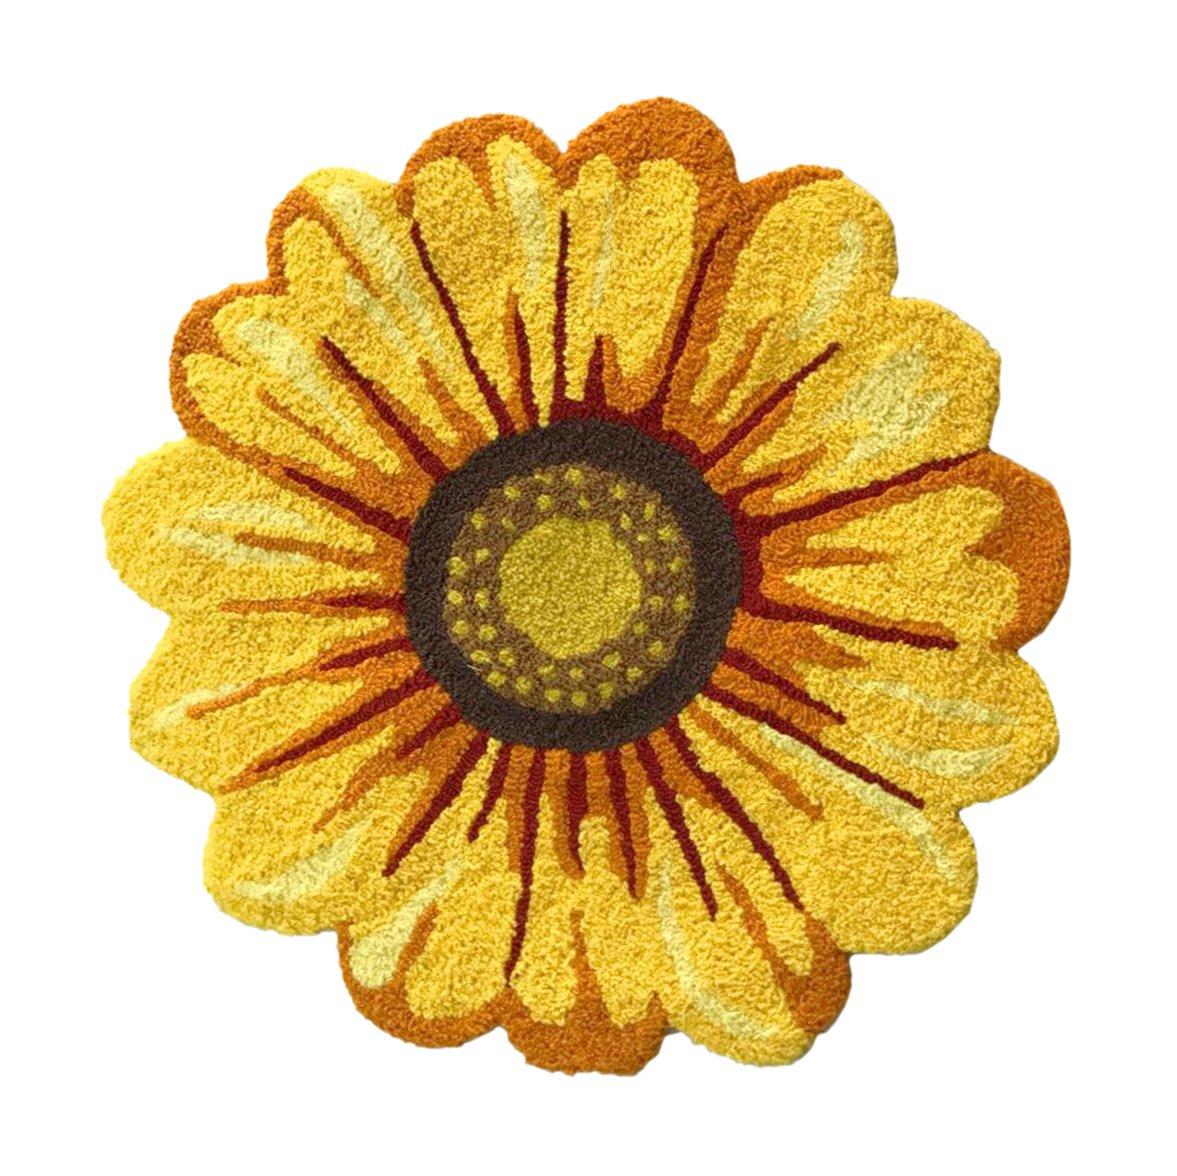 USTIDE Handmade Sunflower Rug Mat Girls Bedroom Rug Non-Slip Bath Mat Floor Rugs 2x2